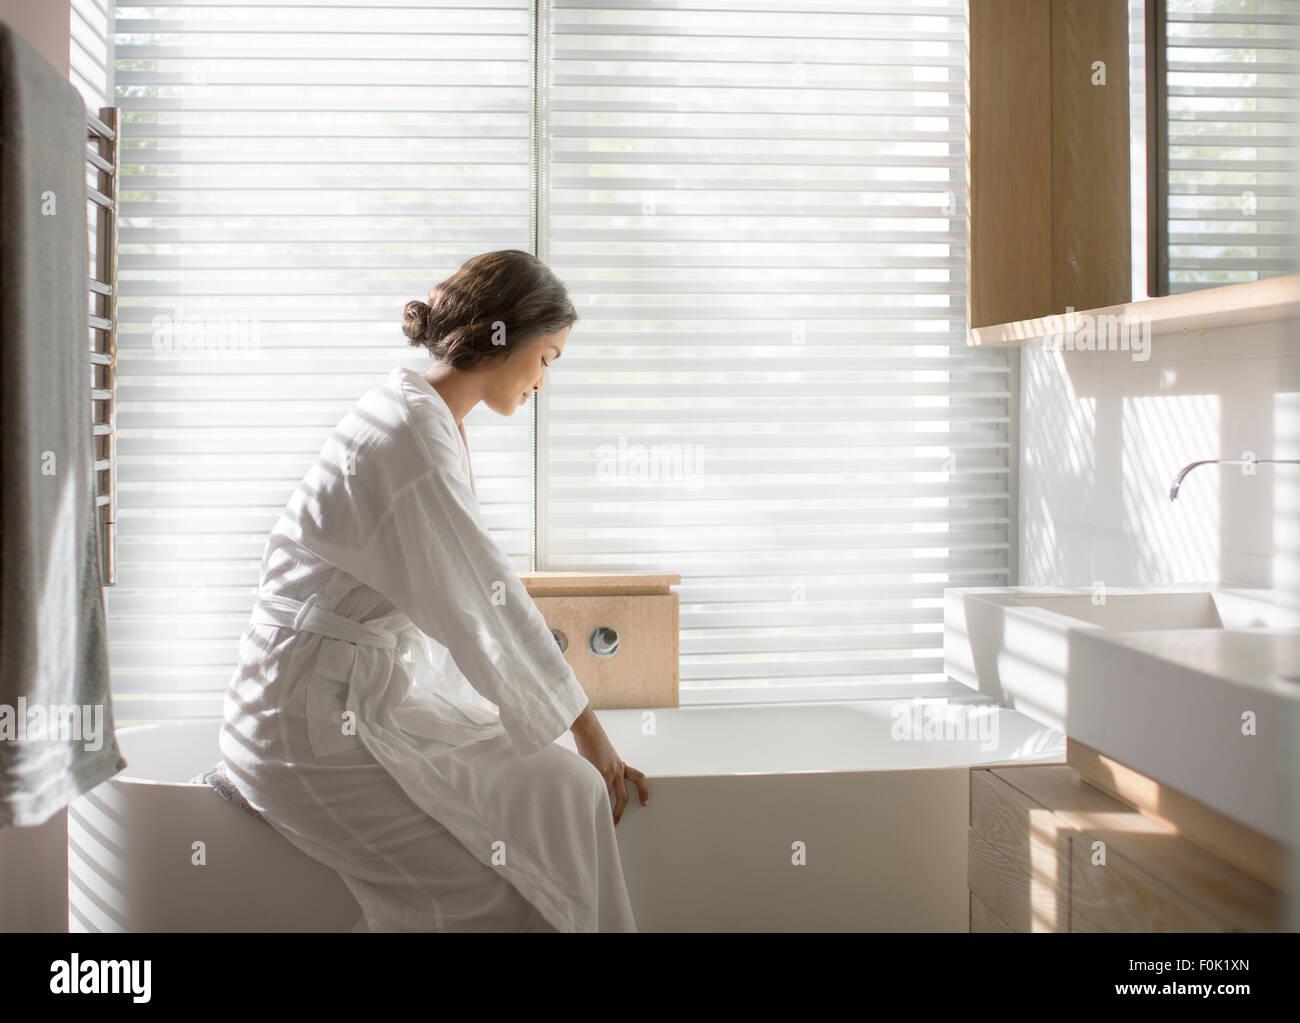 Frau Im Bademantel Zeichnen Ein Bad In Der Badewanne In Luxus Badezimmer